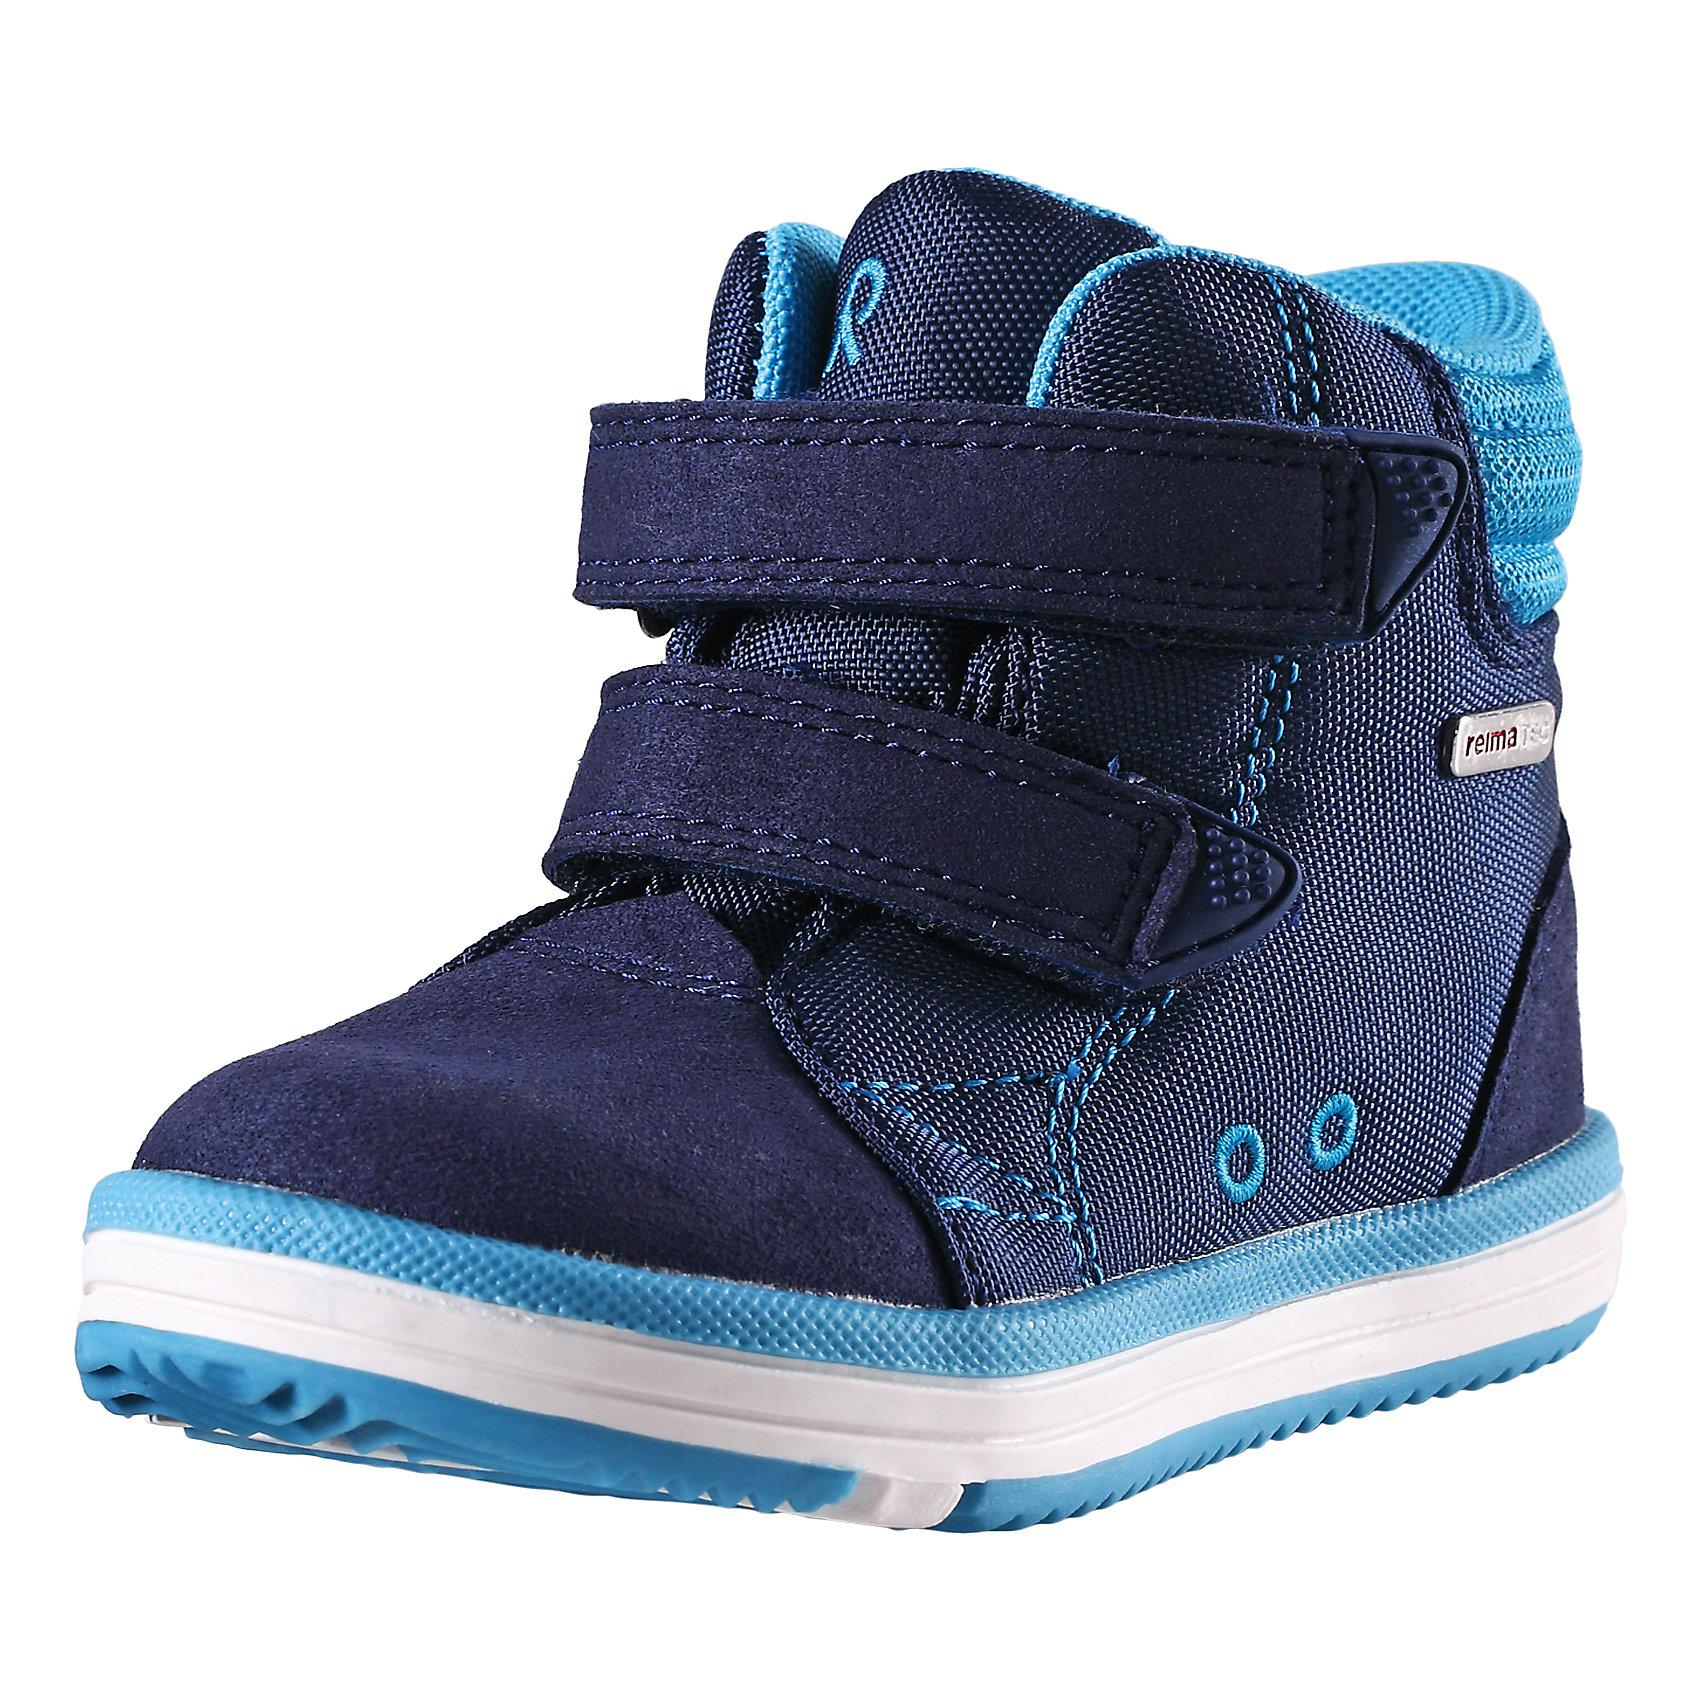 Ботинки Patter для мальчика Reimatec® ReimaОбувь<br>Ботинки  Reimatec® Reima<br>Кроссовки для малышей. Водонепроницаемая демисезонная обувь. Подошва Reima® из термопластичного каучука с рисунком Happy Fit. Водонепроницаемые, герметичные вставки с подкладкой из mesh-сетки. Съемные стельки с рисунком Happy Fit, которые помогают определить размер. Можно стирать в машине при температуре 30 °C. Простая застежка на липучке, имеющая две точки крепления. Светоотражающие детали.<br>Уход:<br>Храните обувь в вертикальном положении при комнатной температуре. Сушить обувь всегда следует при комнатной температуре: вынув съемные стельки. Стельки следует время от времени заменять на новые. Налипшую грязь можно счищать щеткой или влажной тряпкой. Перед использованием обувь рекомендуется обрабатывать специальными защитными средствами.<br>Состав:<br>Подошва: Термопластиковая резина, Верх: 80% Брезент 20% ПУ<br><br>Ширина мм: 262<br>Глубина мм: 176<br>Высота мм: 97<br>Вес г: 427<br>Цвет: синий<br>Возраст от месяцев: 9<br>Возраст до месяцев: 12<br>Пол: Мужской<br>Возраст: Детский<br>Размер: 20,28,30,25,23,26,22,27,21,24,29<br>SKU: 4776524